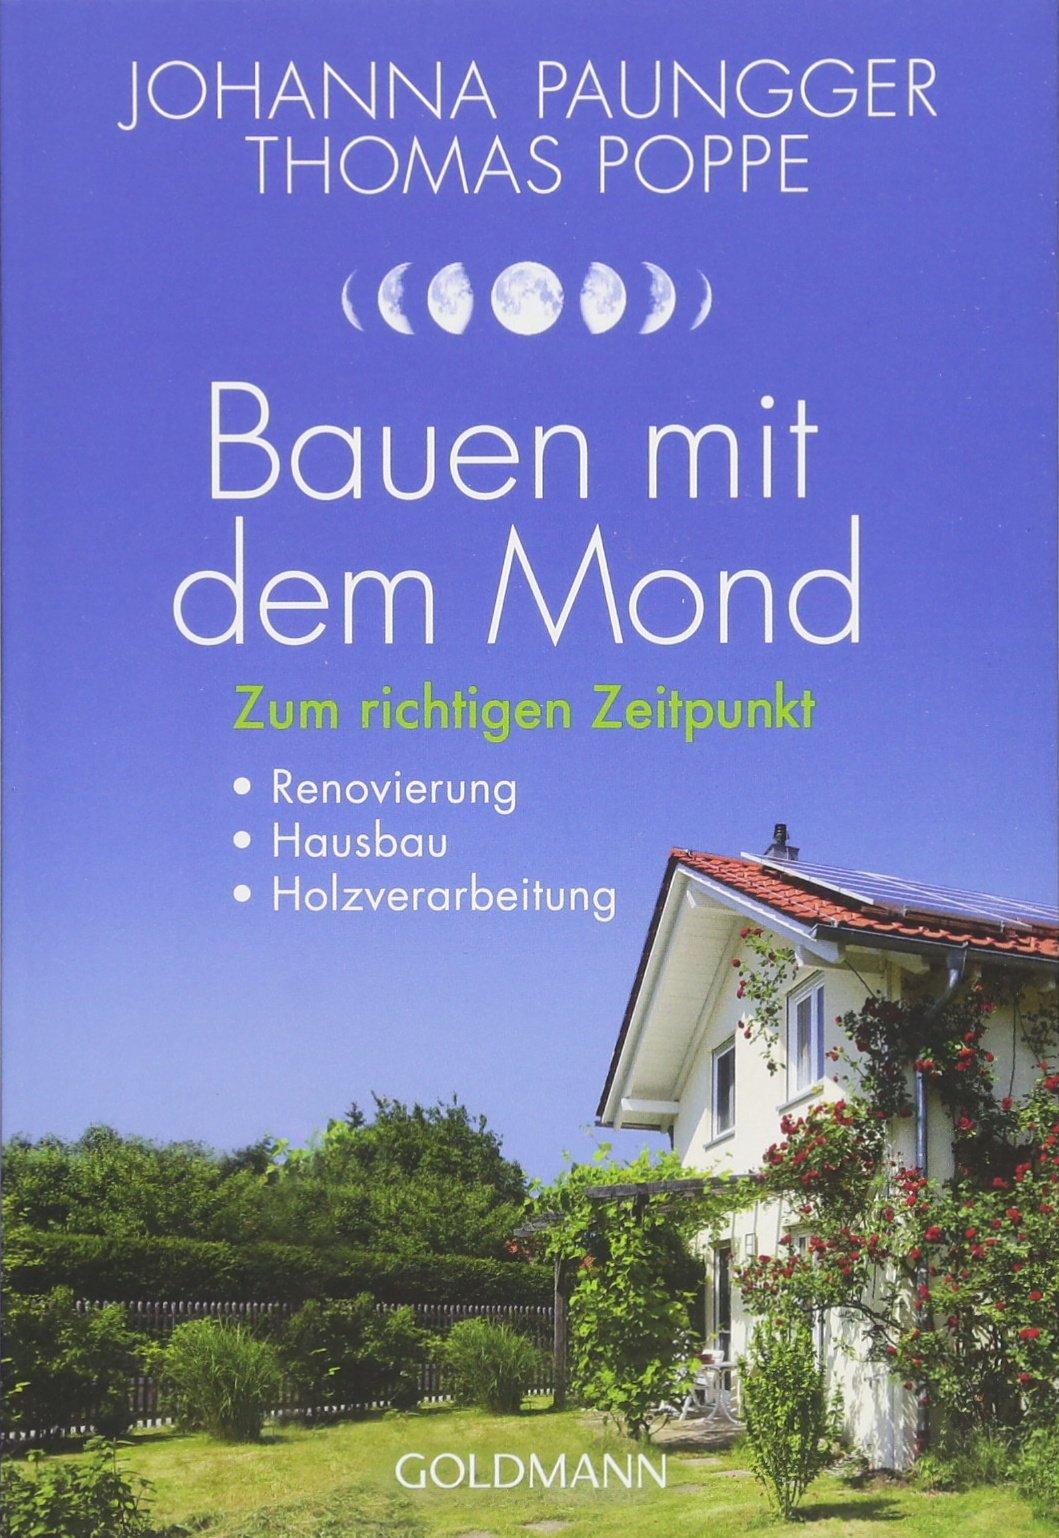 Bauen mit dem Mond: Zum richtigen Zeitpunkt - Renovierung, Hausbau, Holzverarbeitung Taschenbuch – 18. Juni 2018 Johanna Paungger Thomas Poppe Goldmann Verlag 3442177448